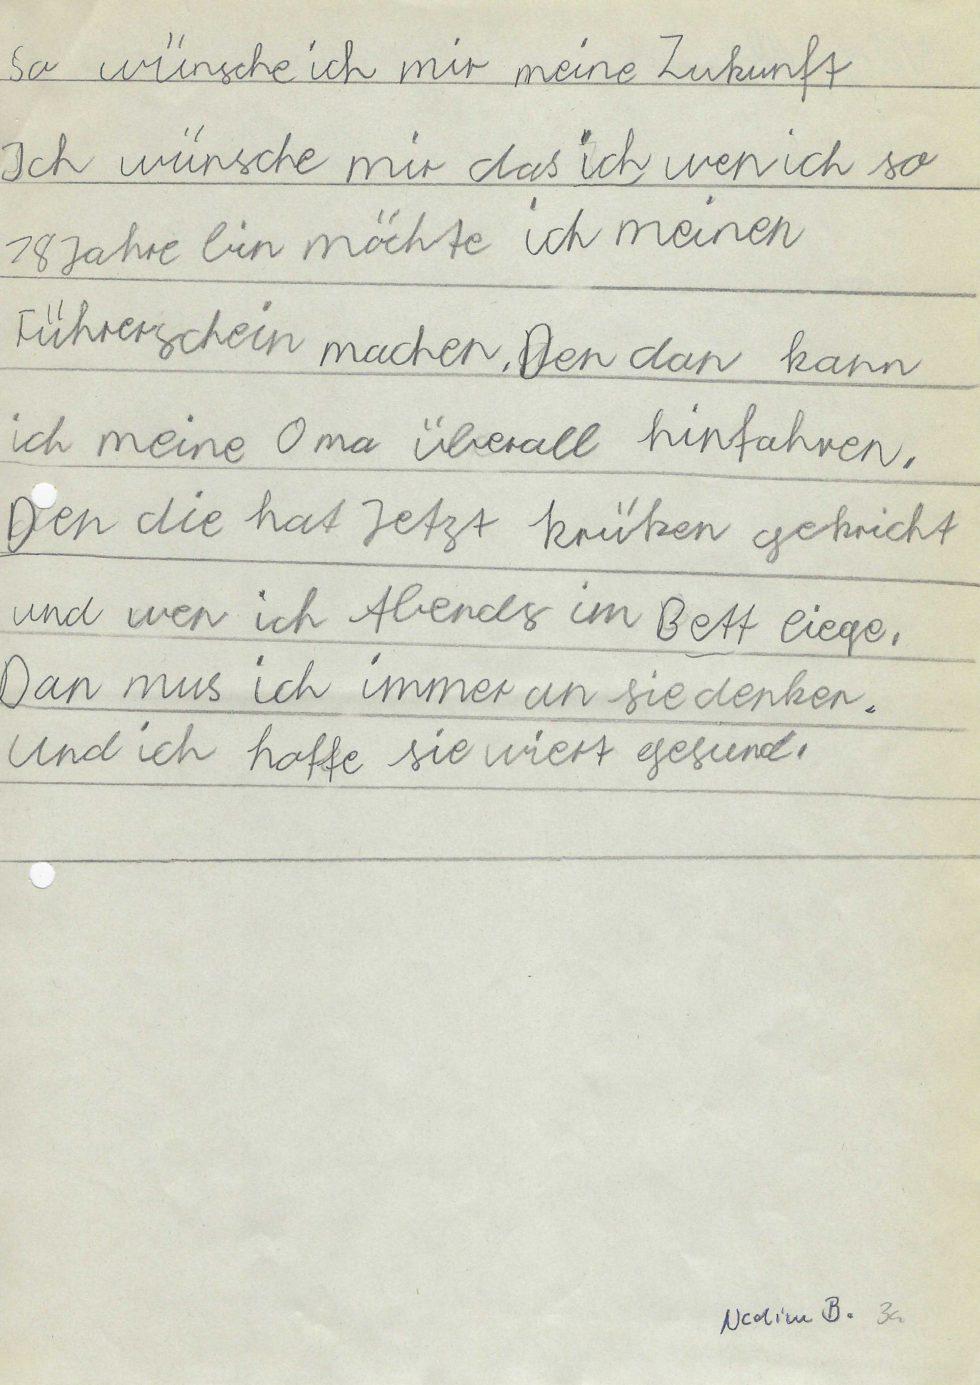 Schulprojekt1998_Kindertexte_Seite_09